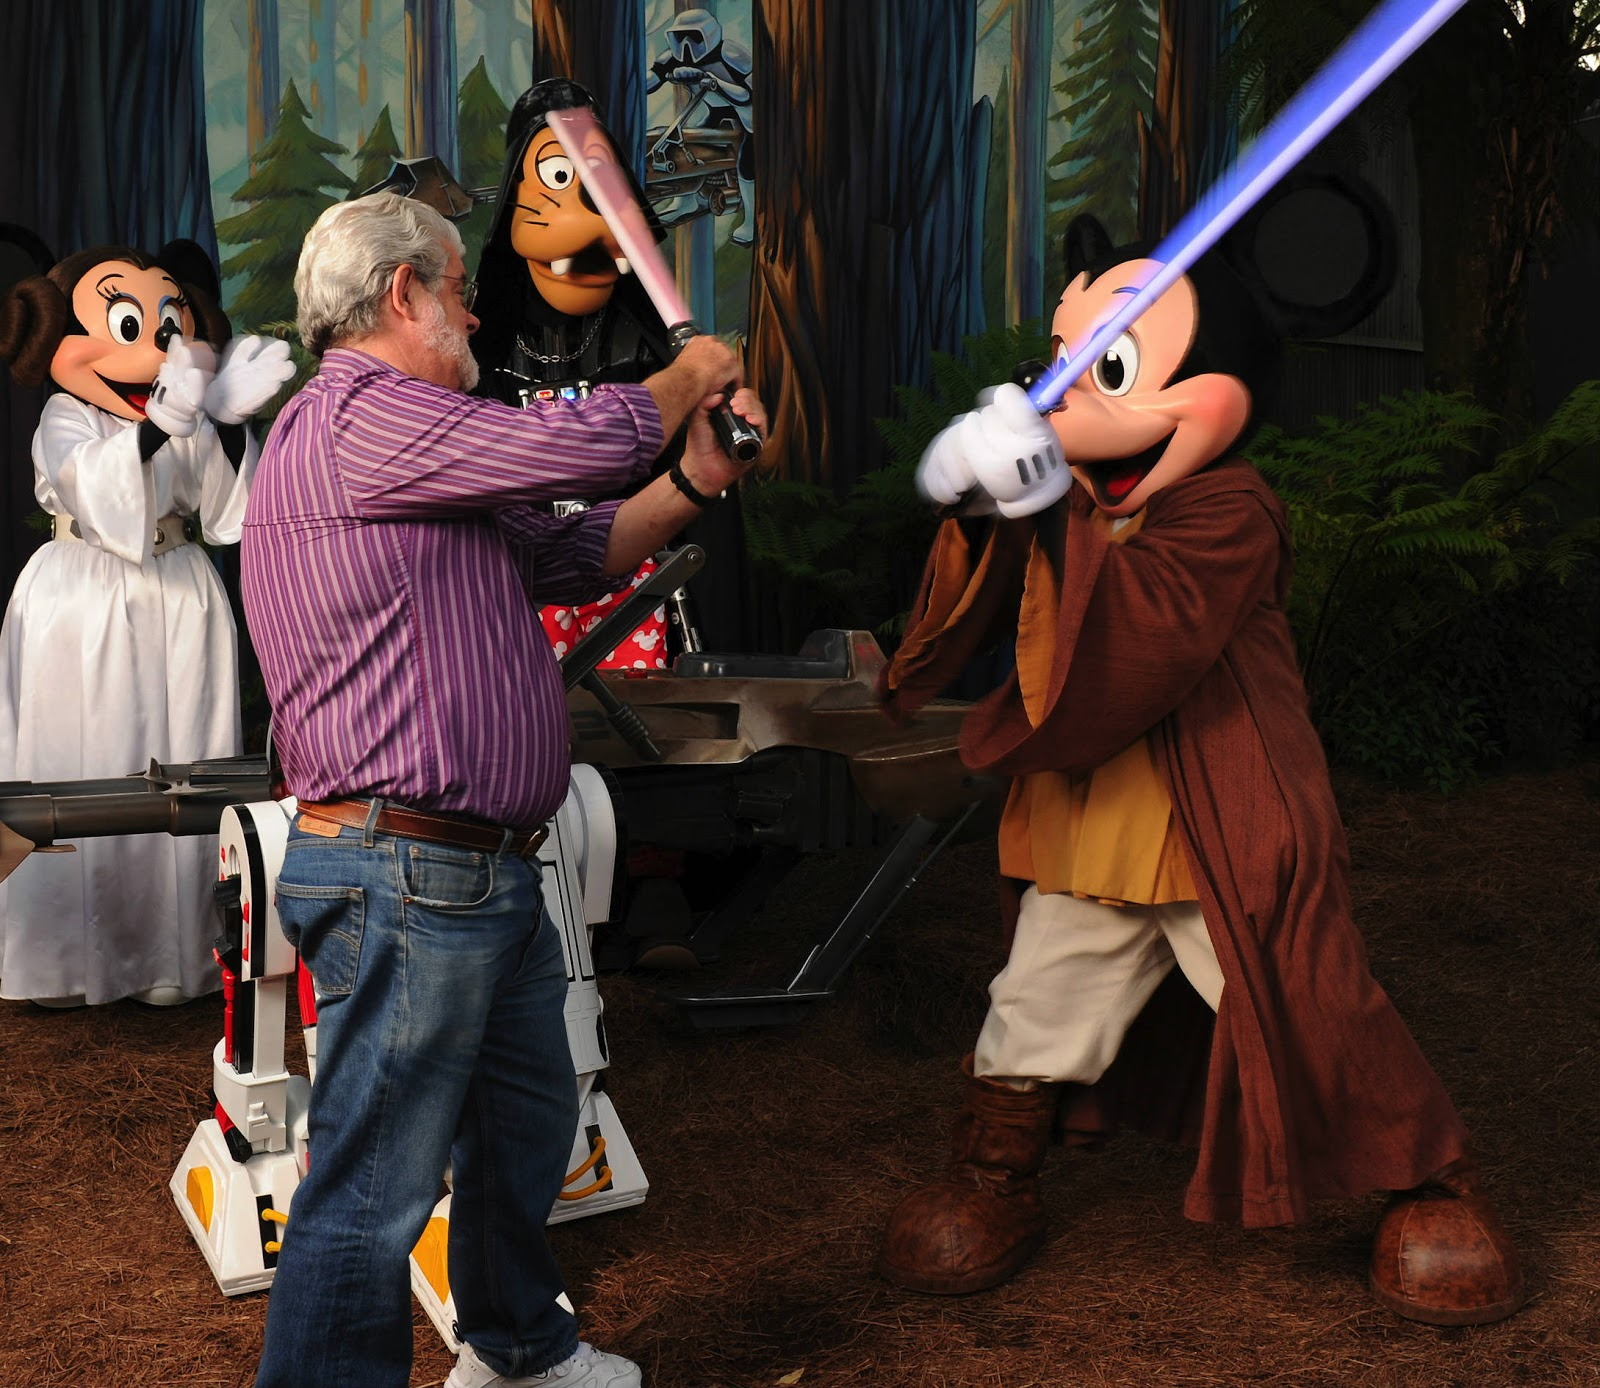 George Lucas Star Wars 8